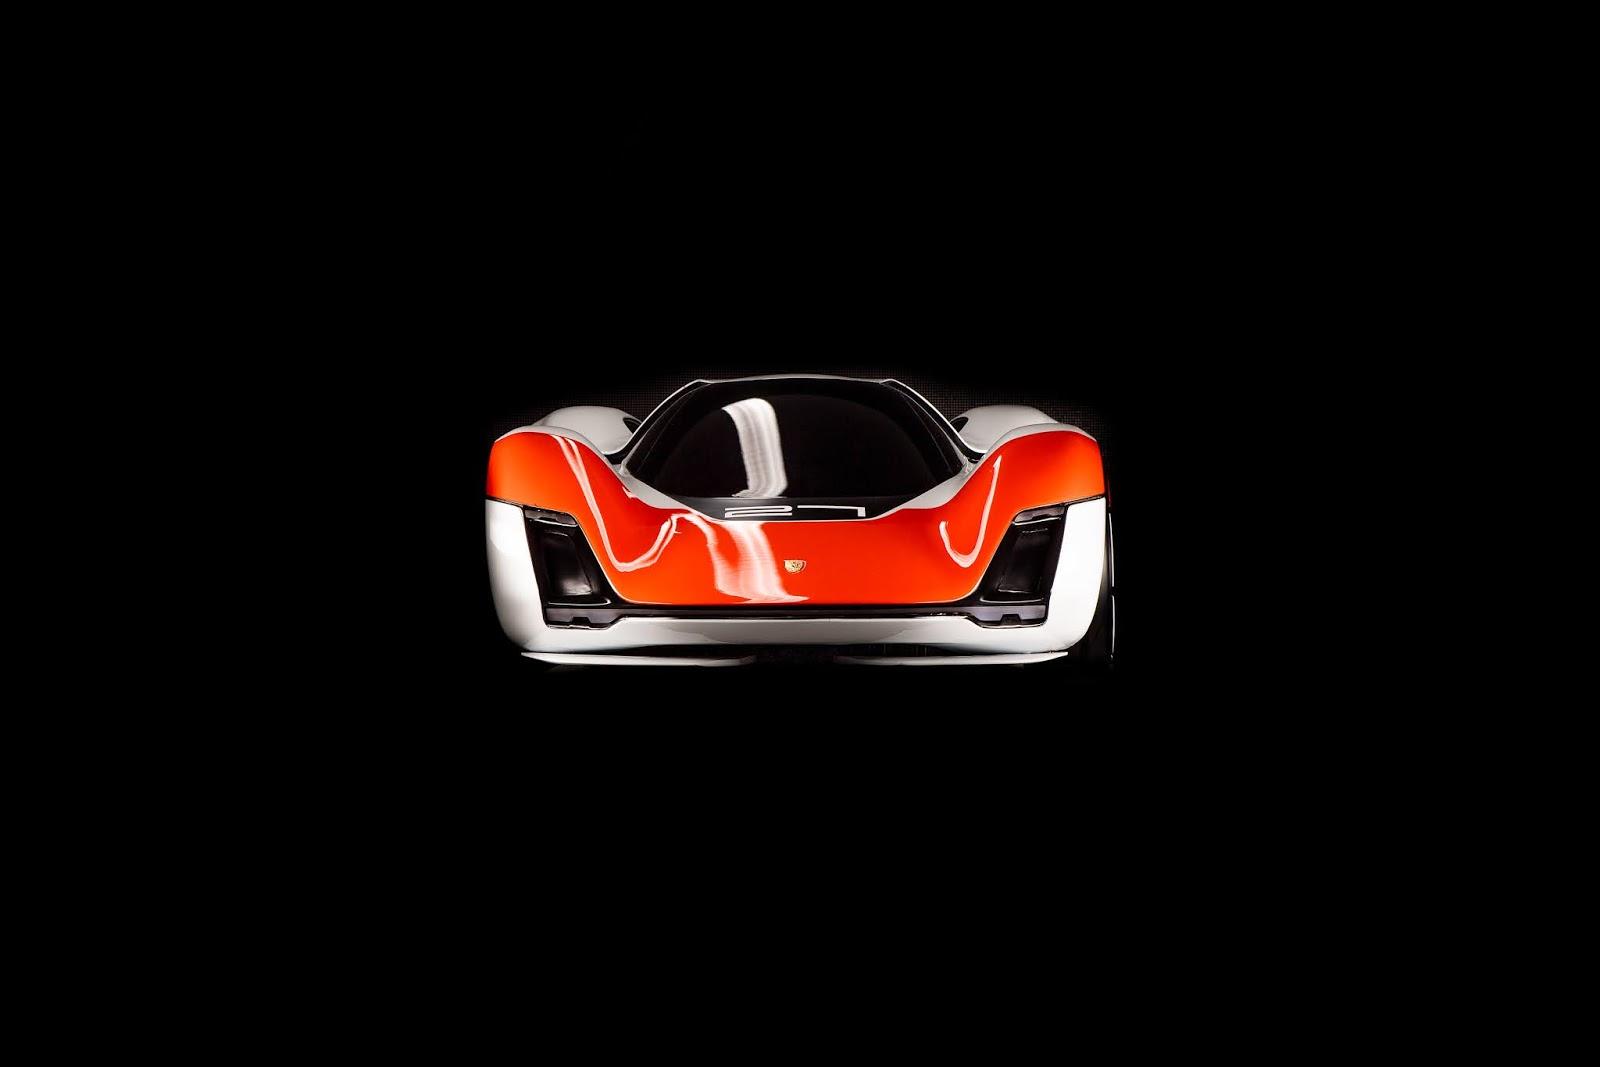 DSC9323 1 Τα άγνωστα Hypercars της Porsche hypercar, Porsche, Porsche Unseen, Sunday, supercar, supercars, zblog, ειδήσεις